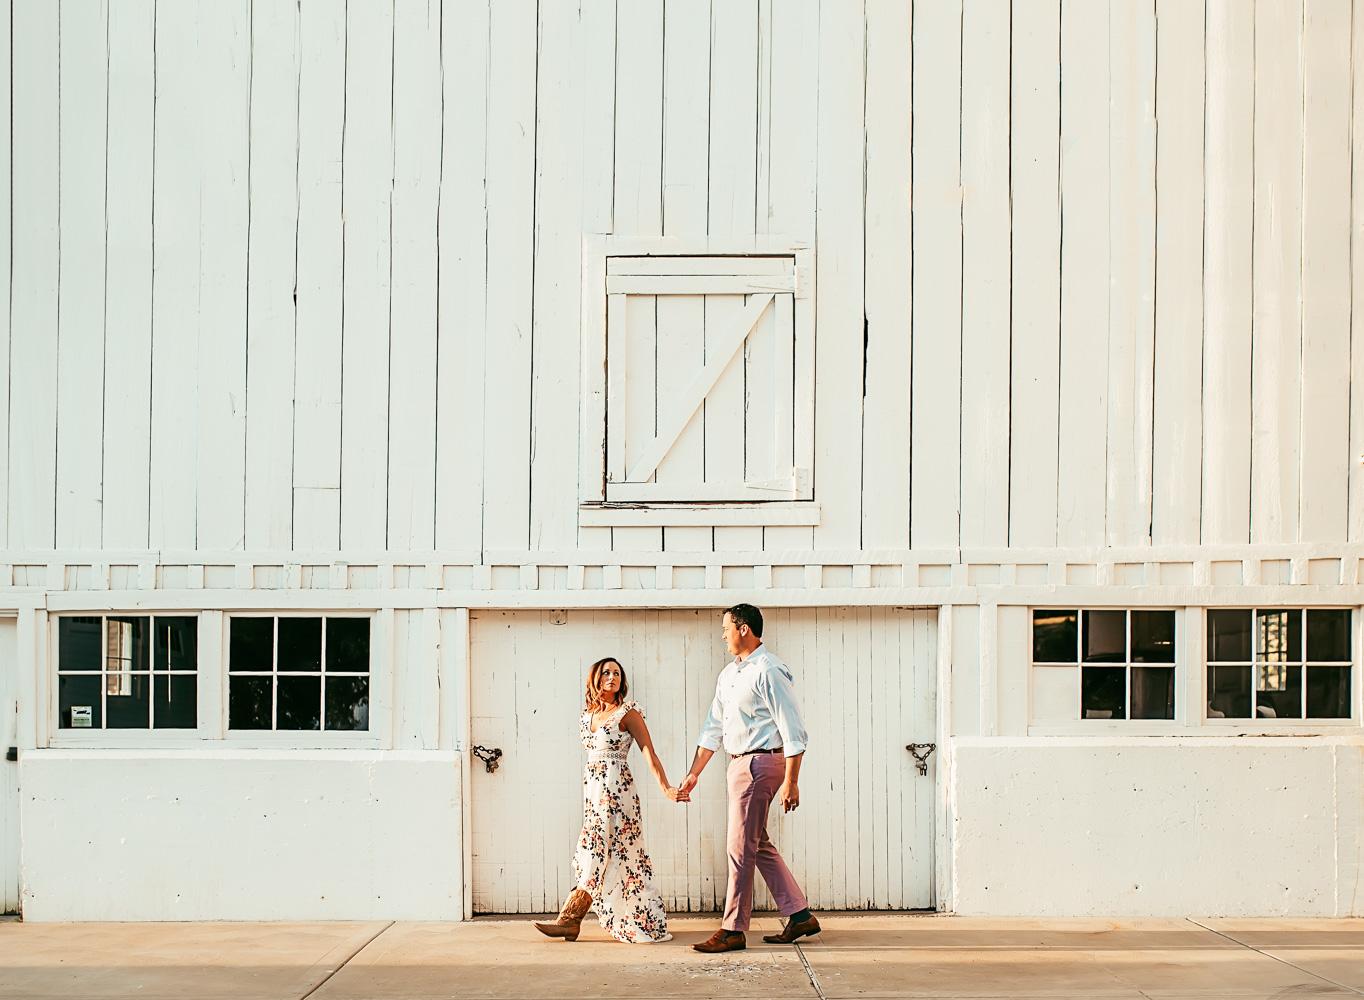 McPolin-Farm-Park-City-Utah-Family-Newmyer-Erika-Reiner-Photography (2 of 6).jpg